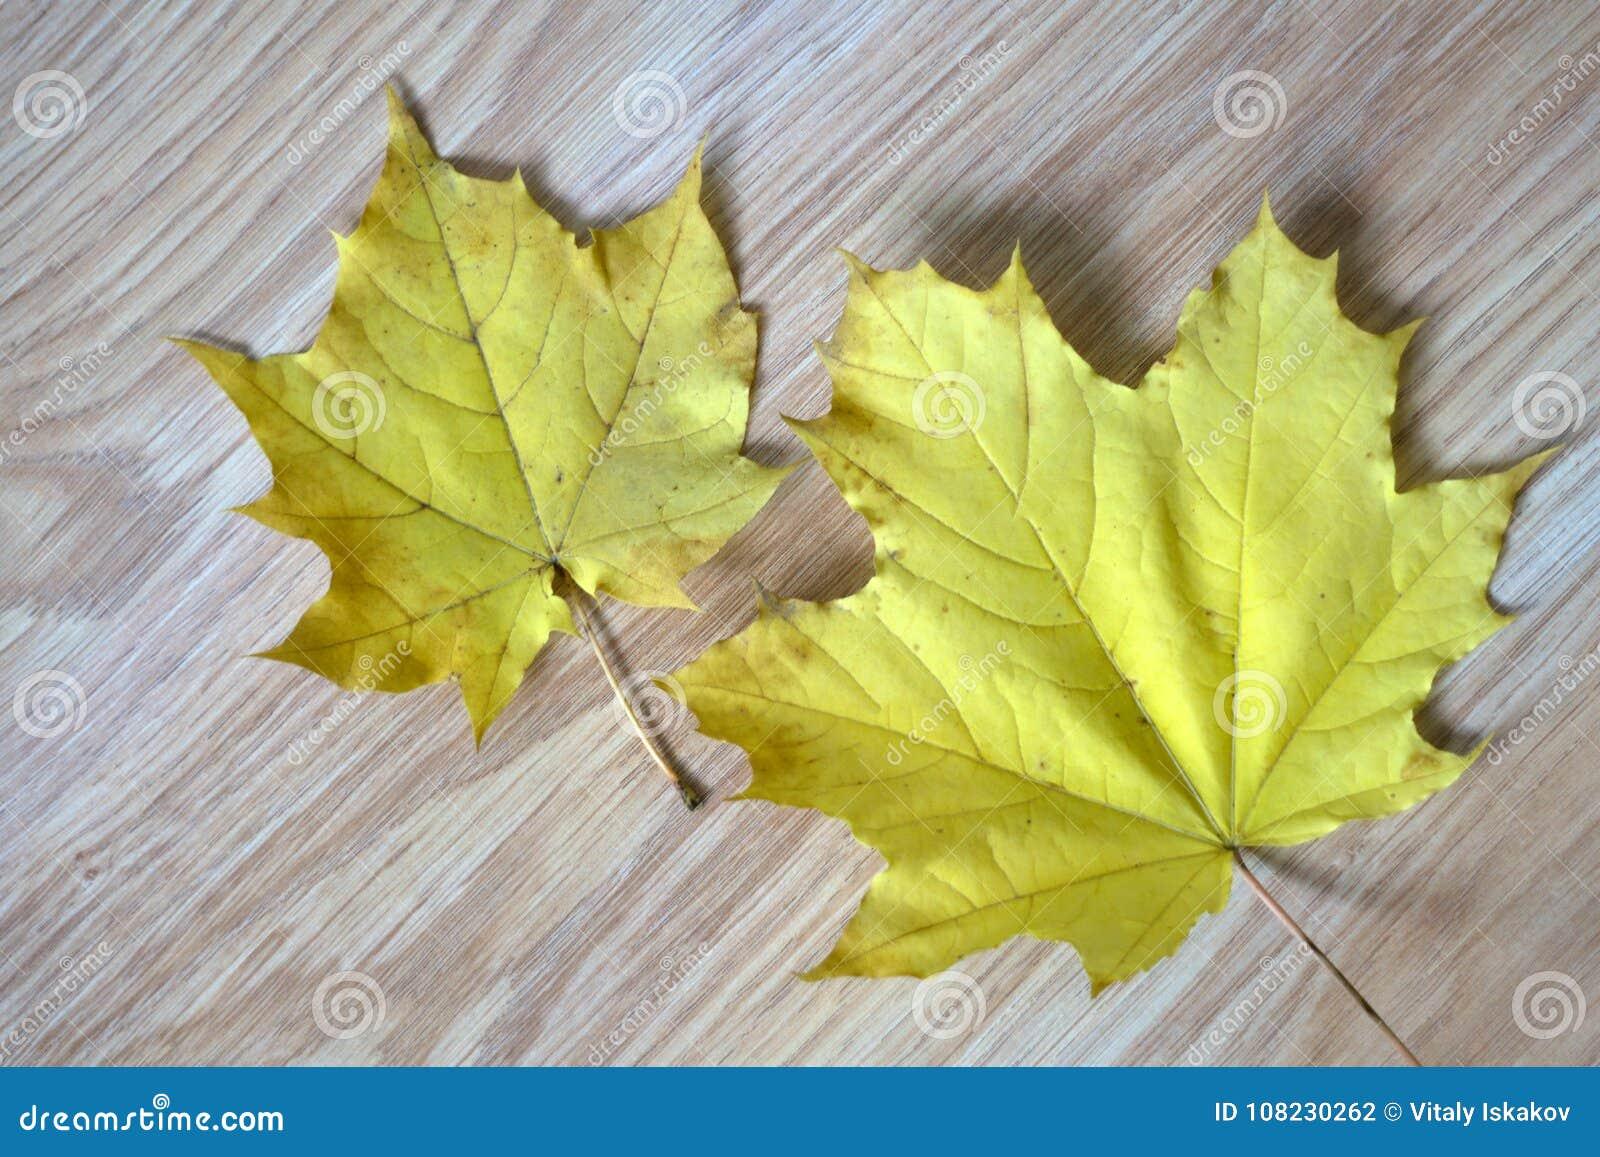 Höst Time Väder Natur Sidor fallet Två sidor tillsammans Guling som är röd, apelsin brigham September Oktober säsong torrt de